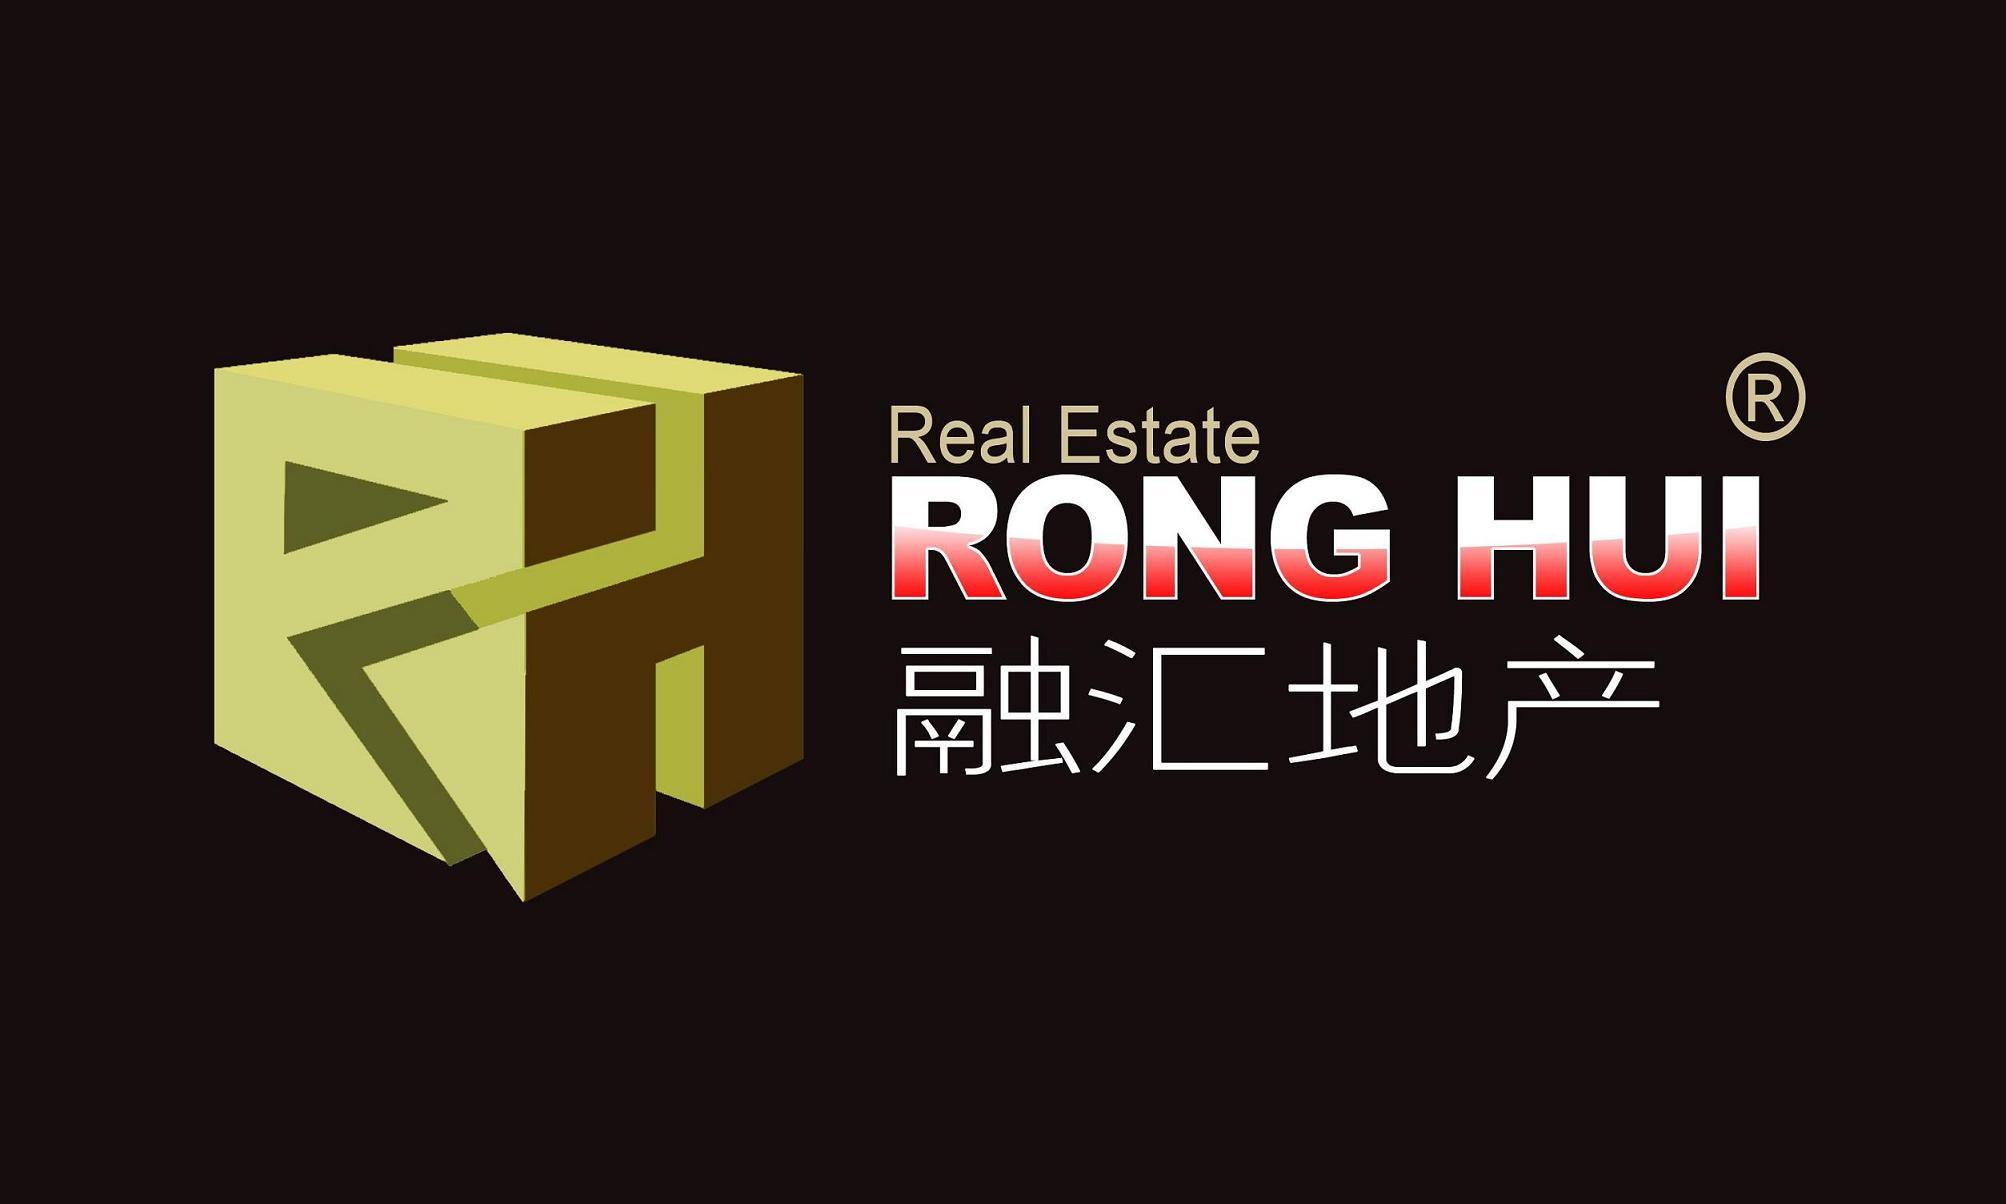 新余融汇房地产开发有限公司